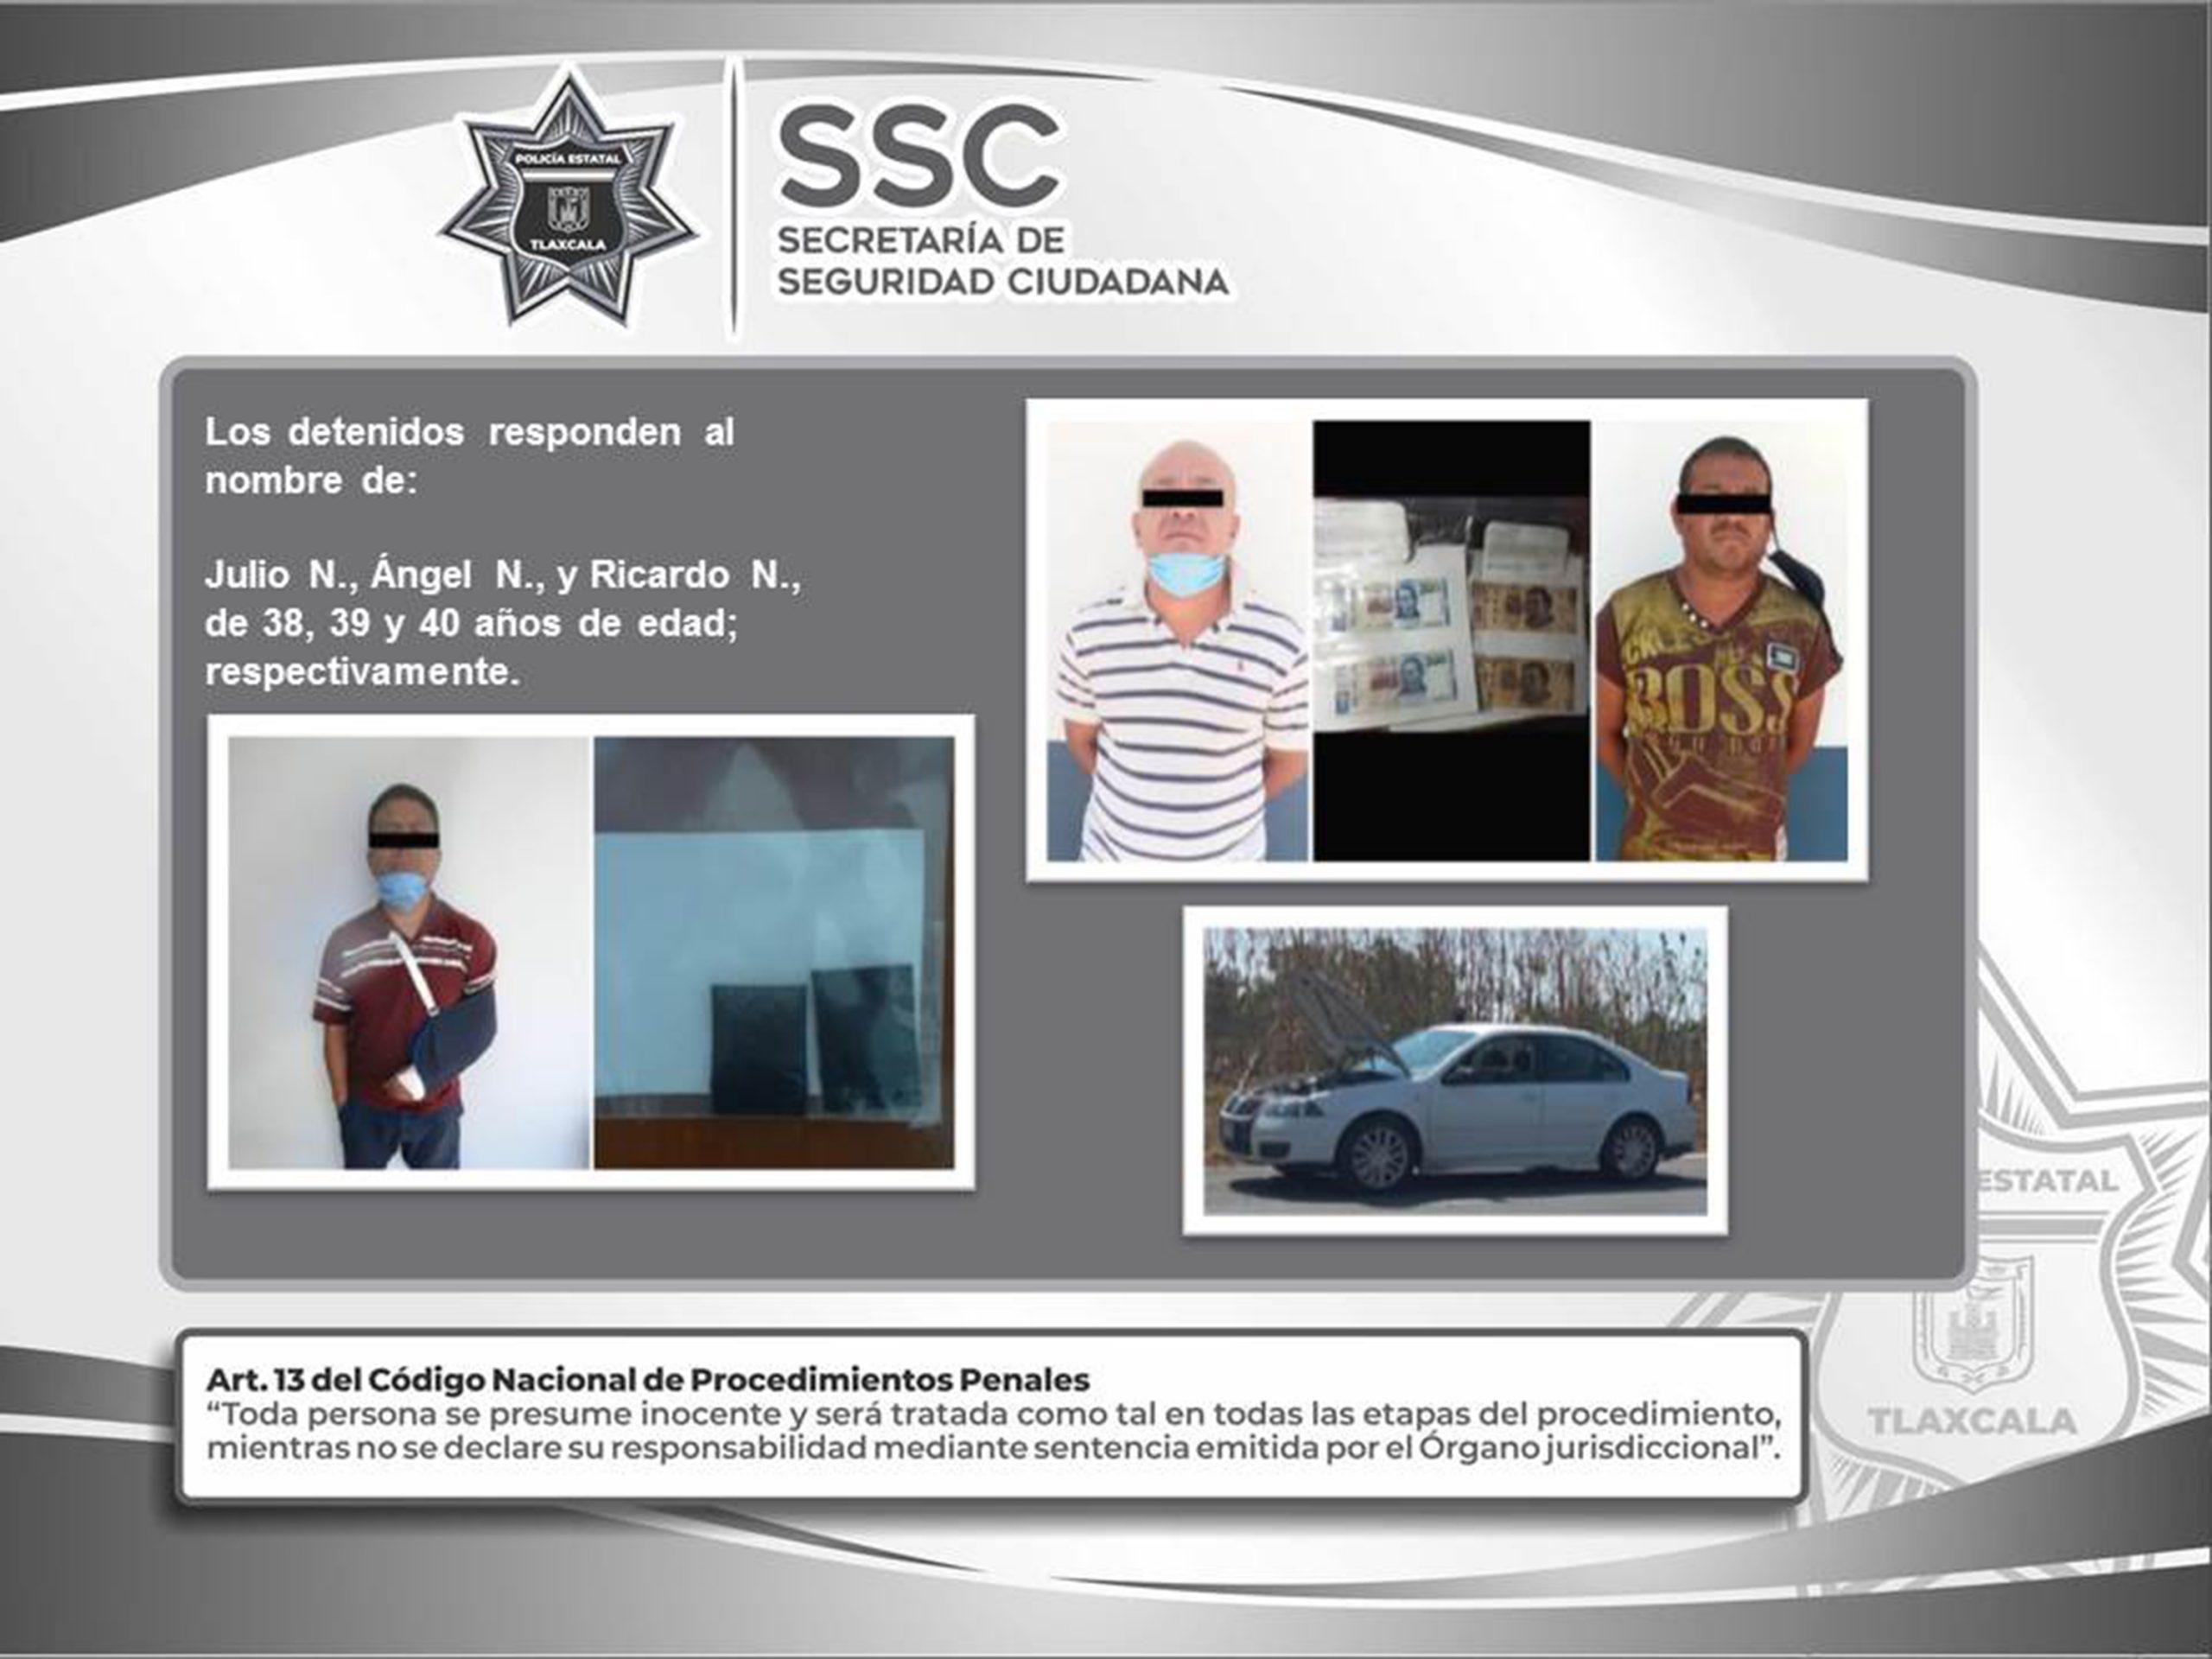 La SSC detiene en Tenancingo a tres sujetos y asegura sustancias ilegales